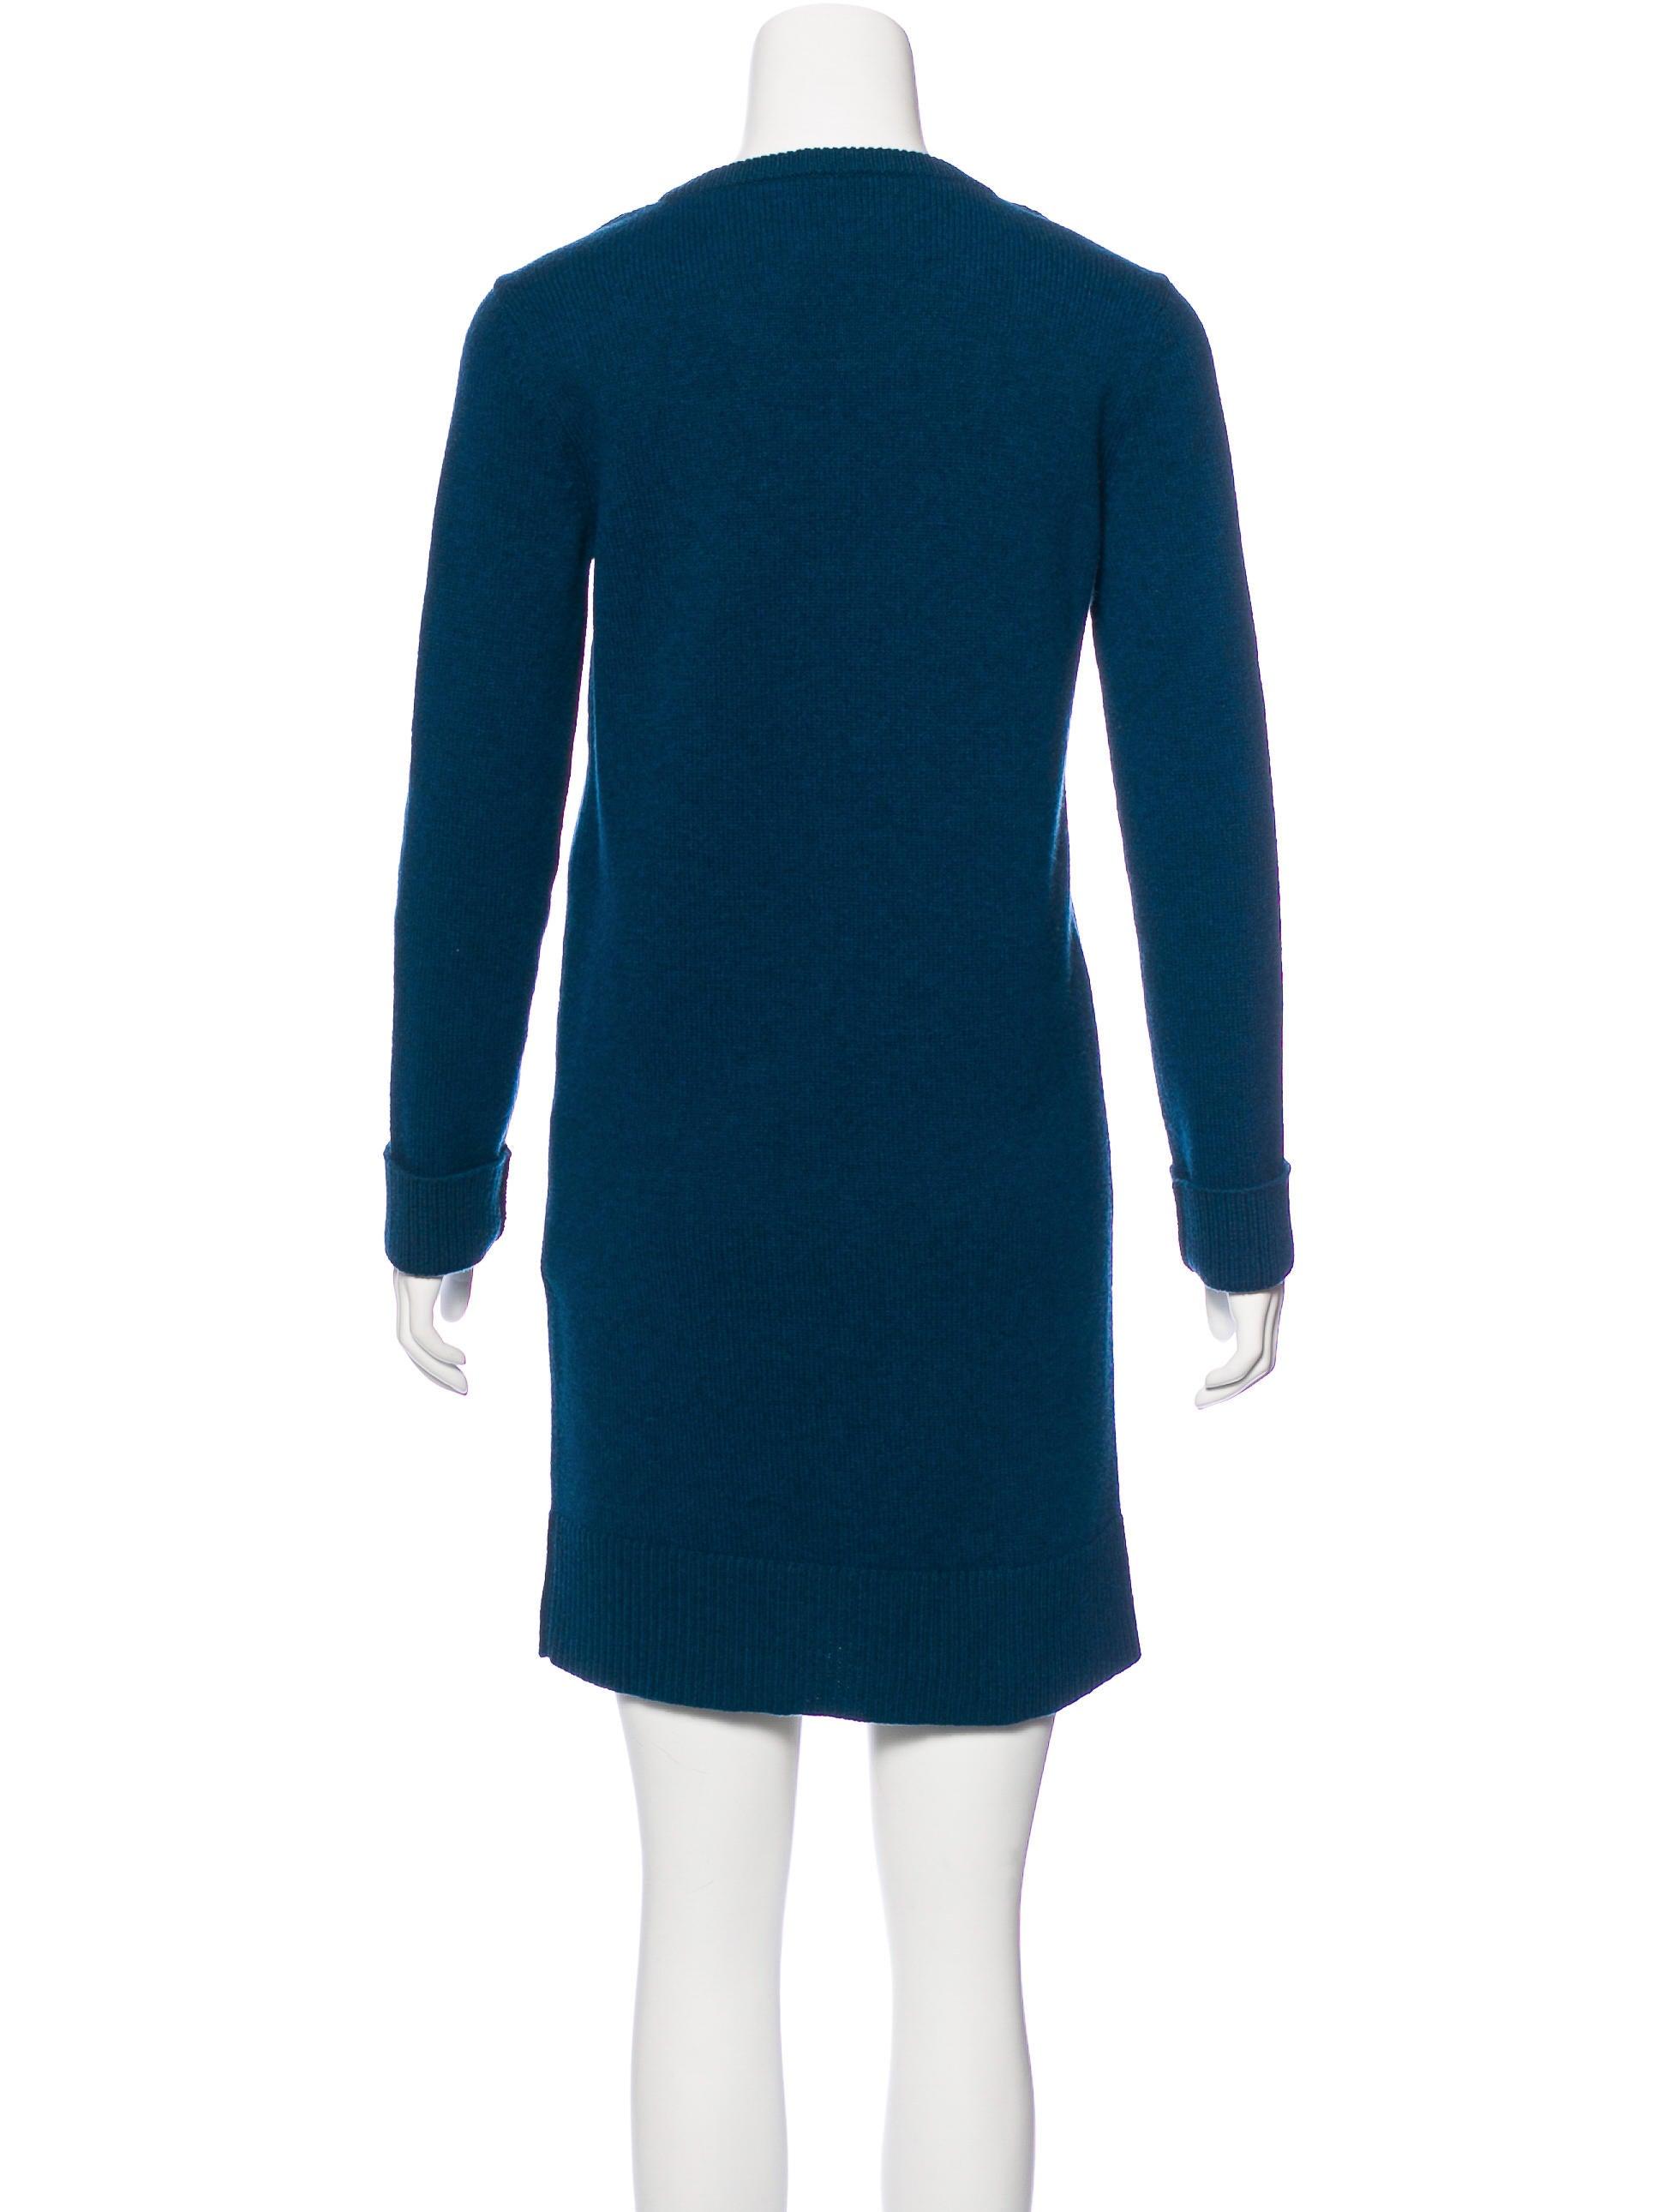 Lanvin Wool Sweater Dress - Clothing - LAN63438 | The RealReal